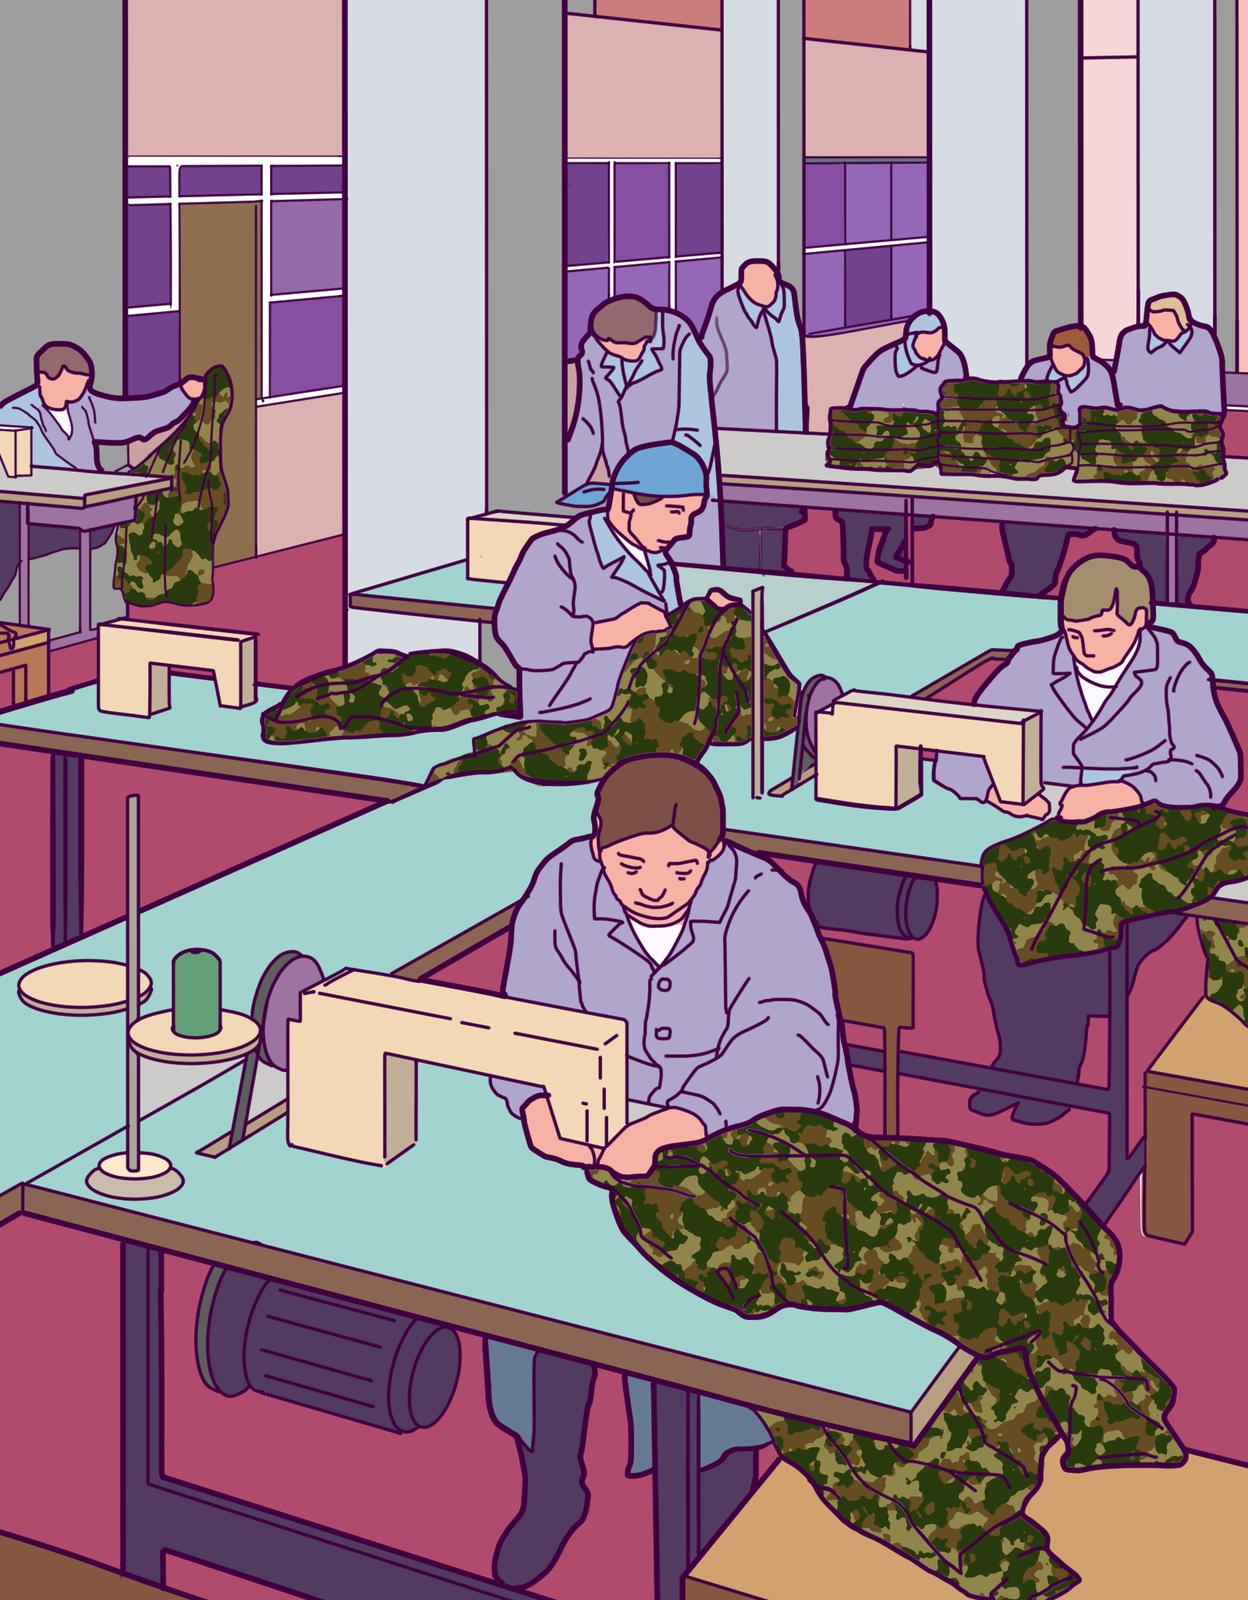 Kolorowa ilustracja przedstawia wnętrze zakładu produkcyjnego. Whali produkcyjnej ustawione są maszyny do szycia. Przy każdym stole zmaszyną do szycia kobieta szyje mundury wojskowe. Wgłębi hali stół. Na stole ułożone wstos mundury.